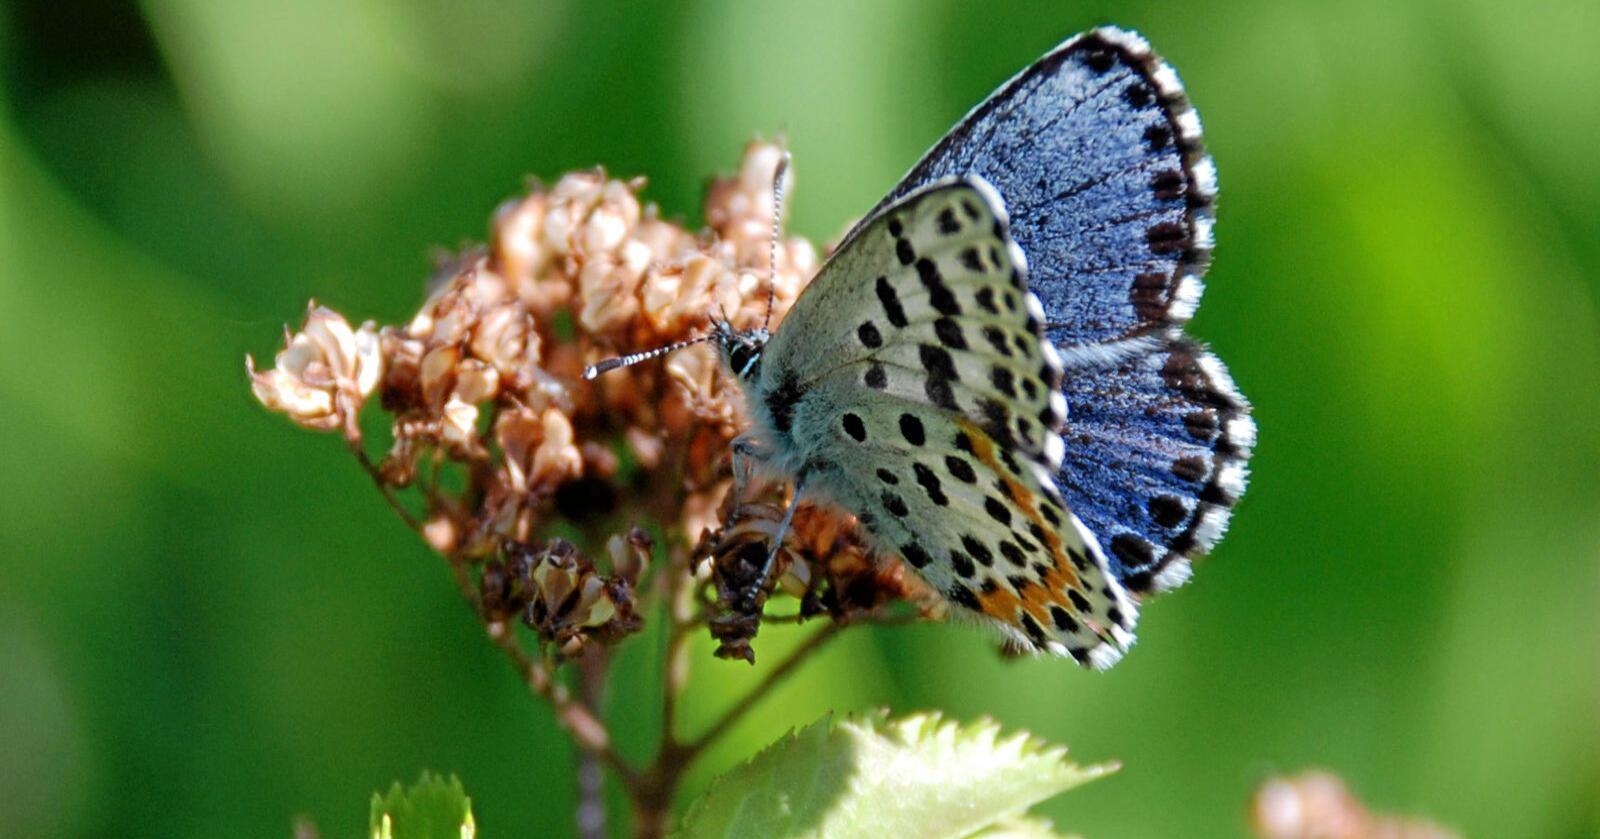 Tjenester: I Norge er mange av insektartene også i sterk tilbakegang, og med dem mange av tjenestene vi tar for gitt. Foto: Christian Steel / Sabima